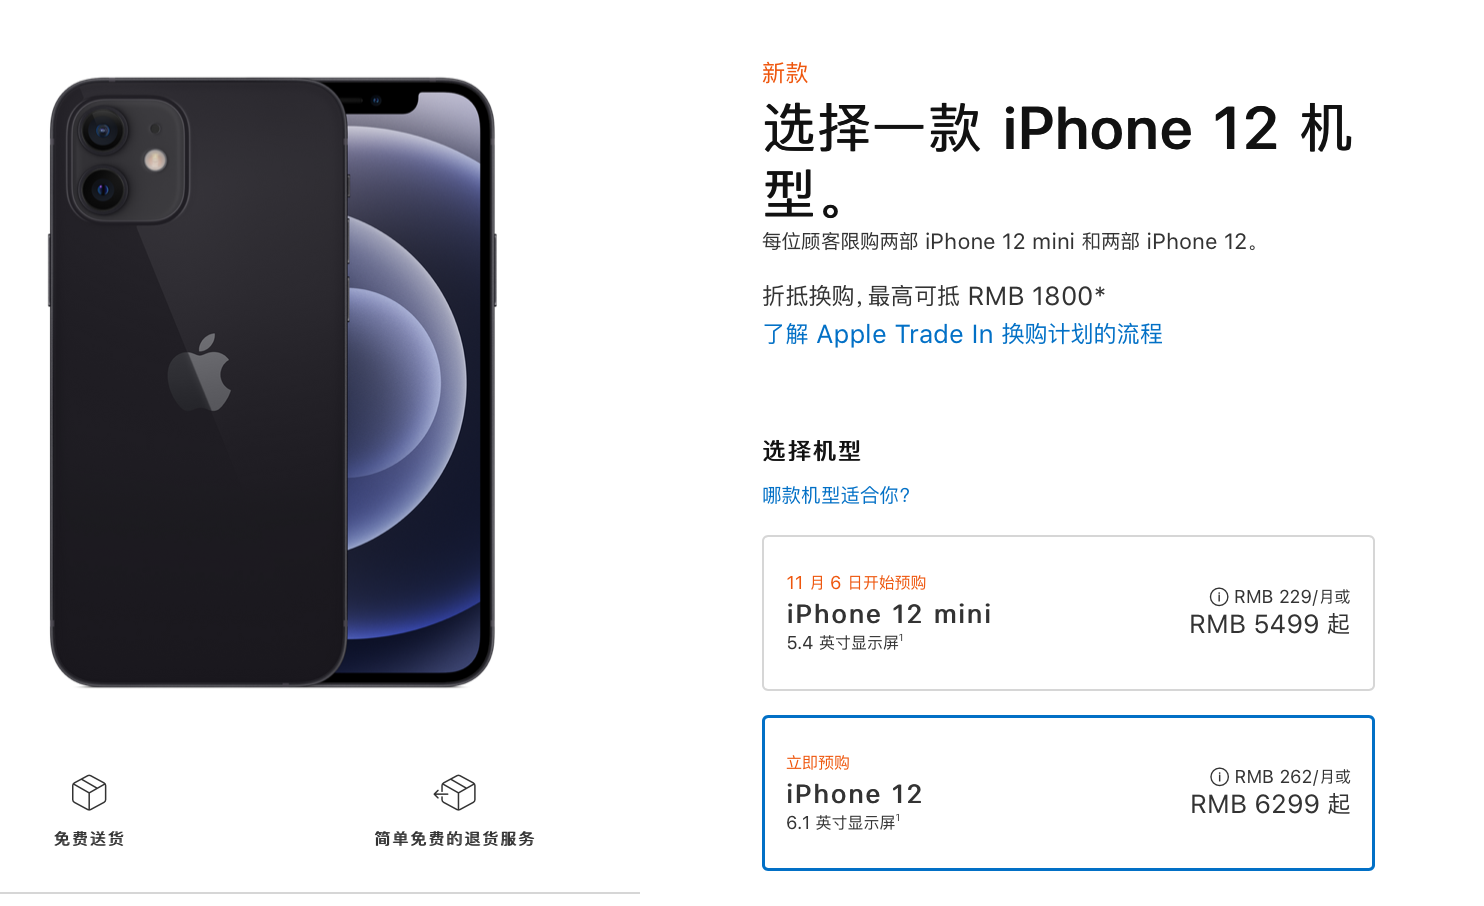 iPhone 12系列首次开启预购即限购 每款每人限购两部